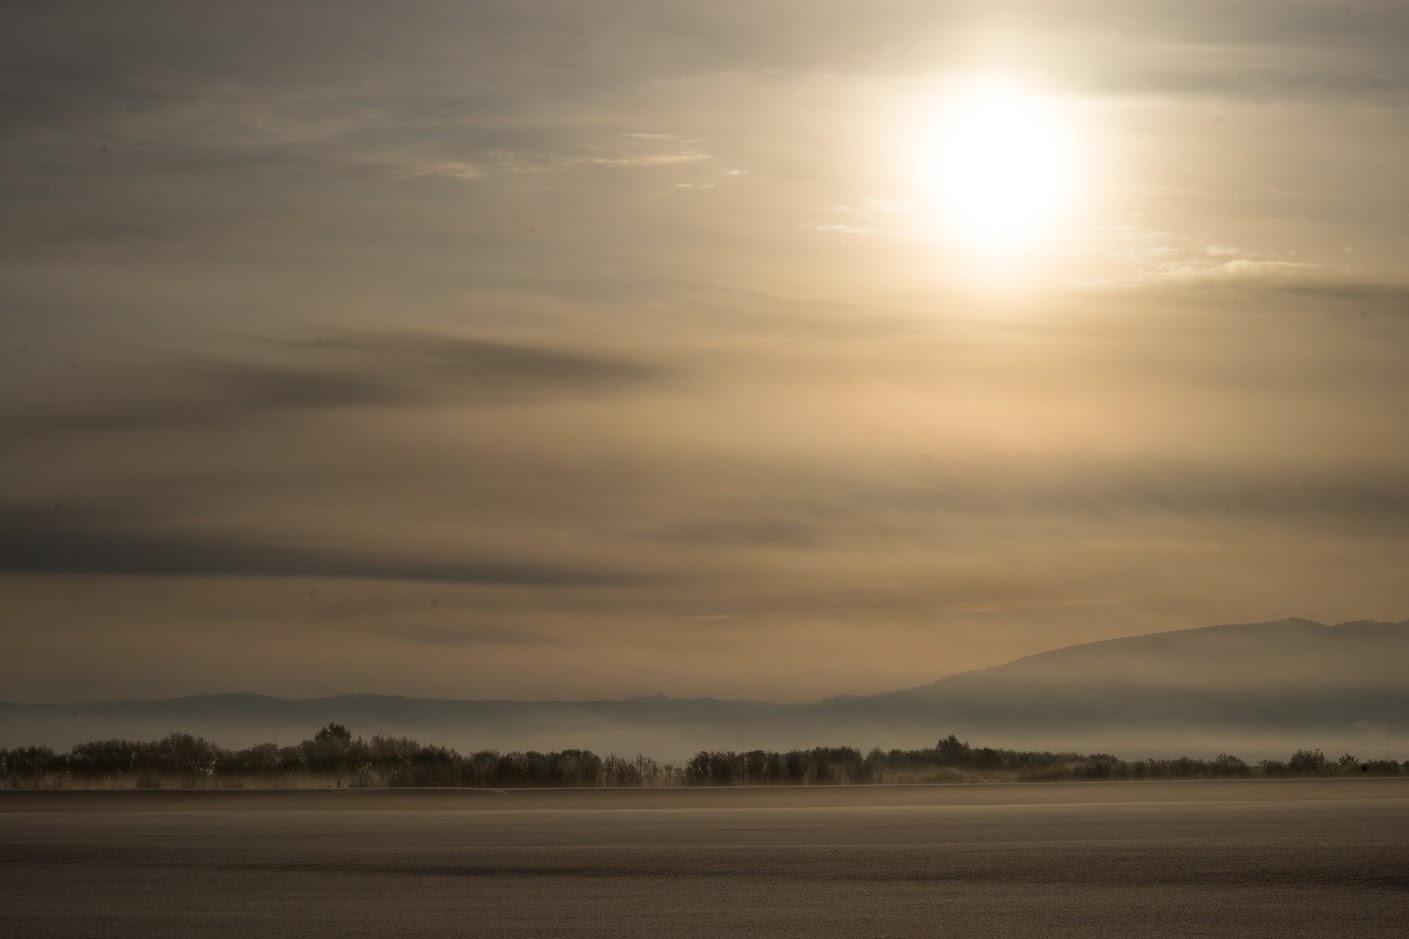 朝霧に包み込まれた大地